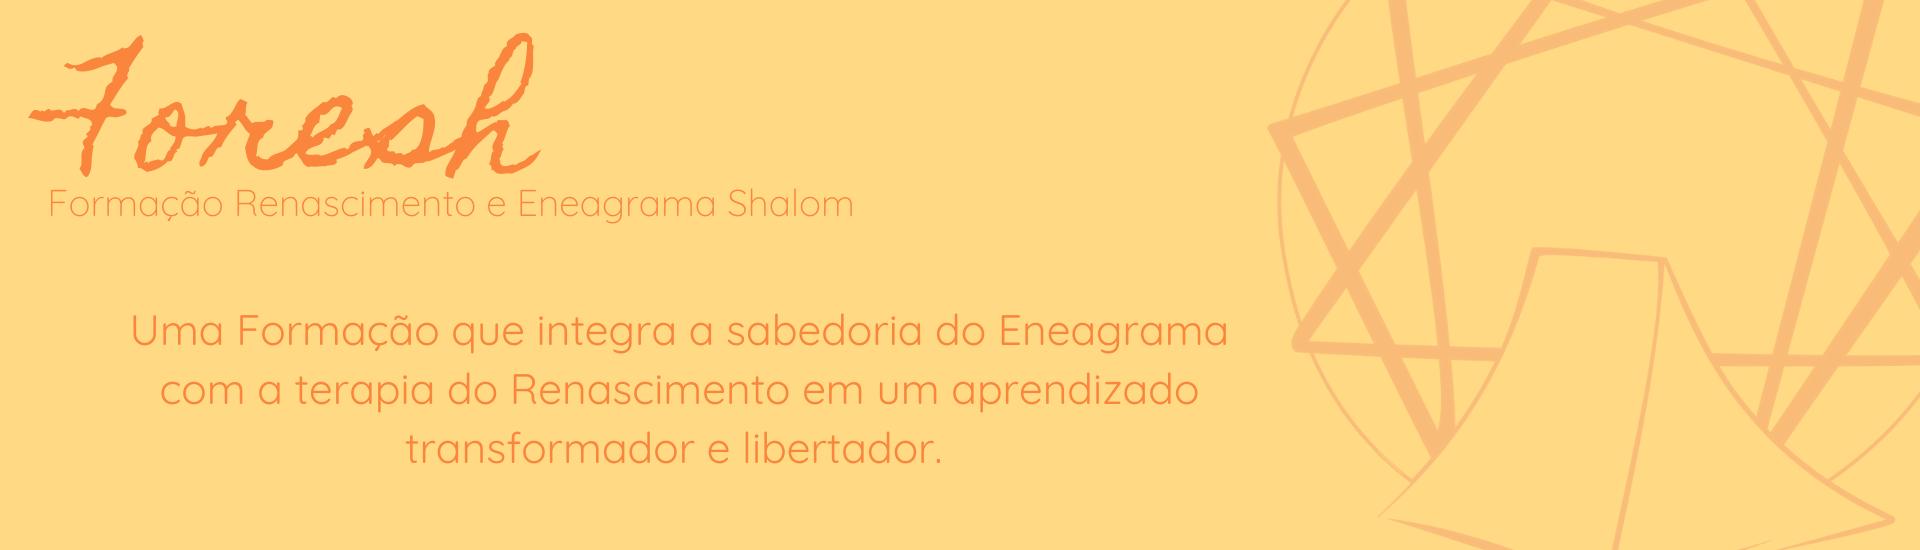 FORMAÇÃO RENASCIMENTO E ENEAGRAMA SHALOM